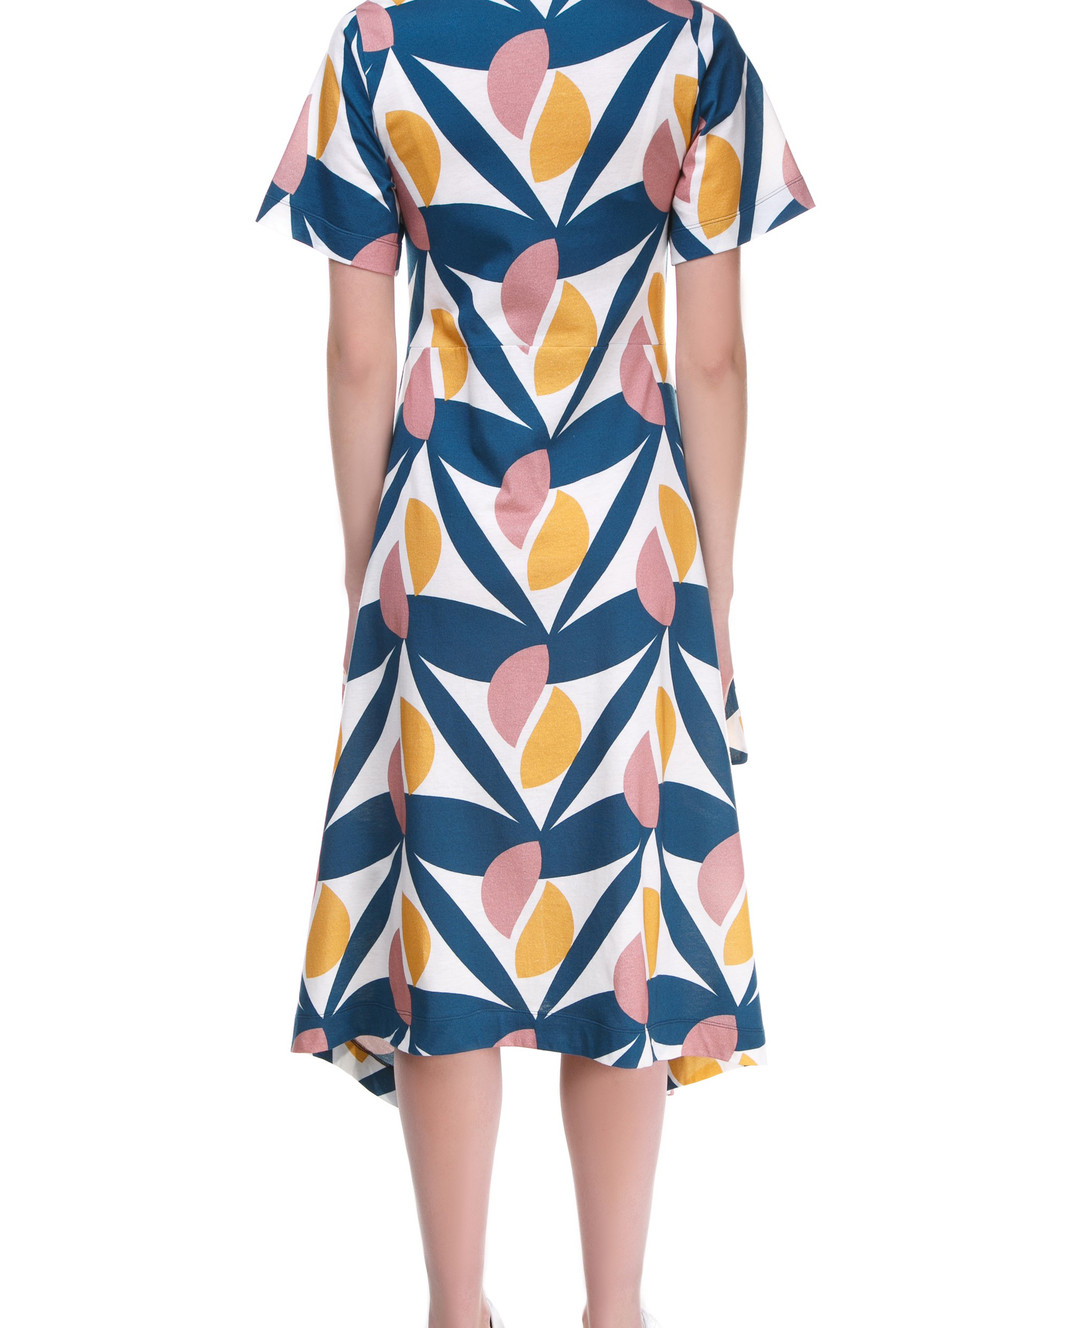 Tak.Ori Синее платье DR229 изображение 4